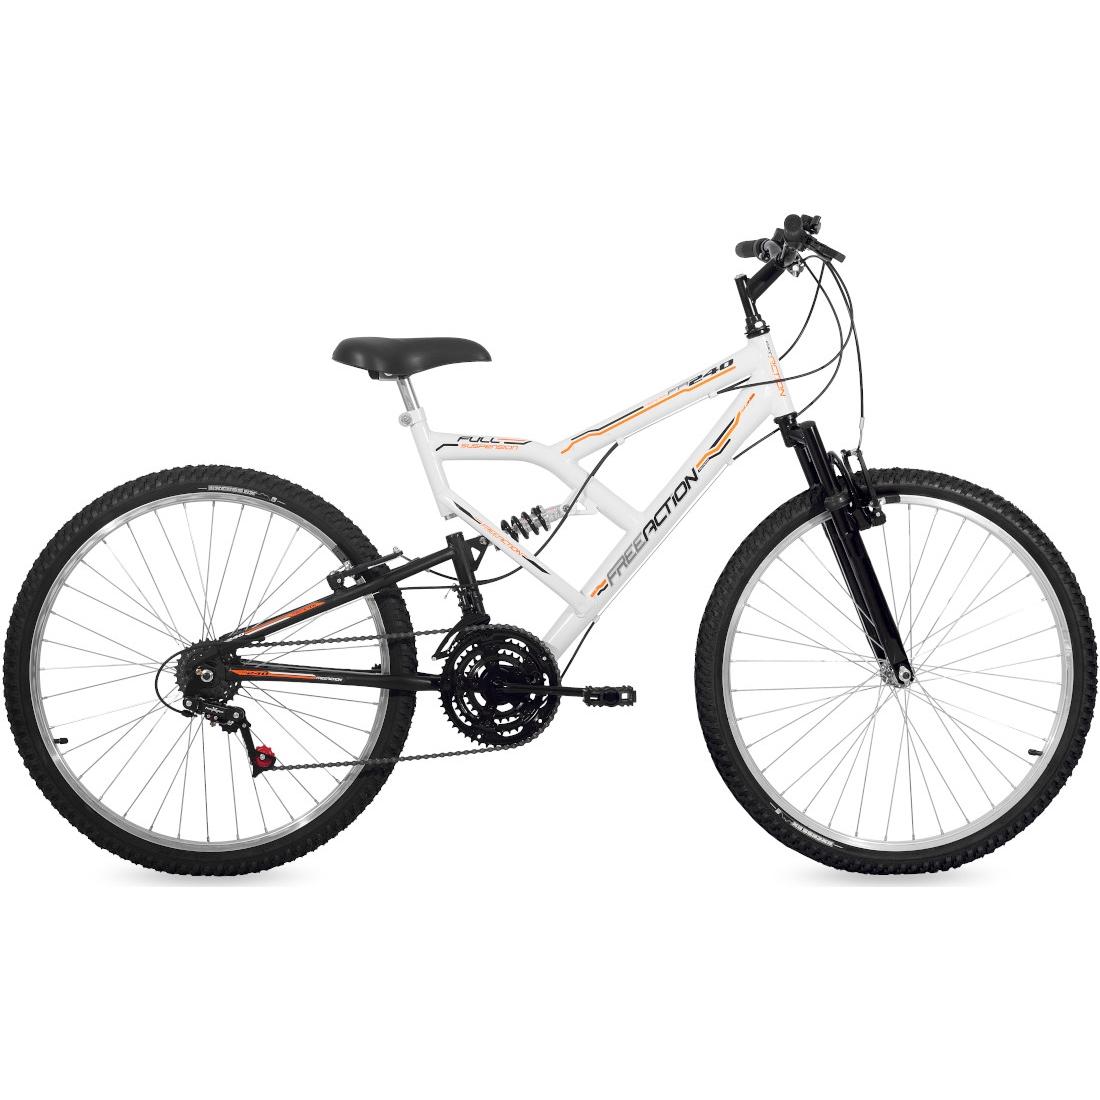 Bicicleta Aro 26 18 Marchas Full FA240  Branco e Preto Free Action